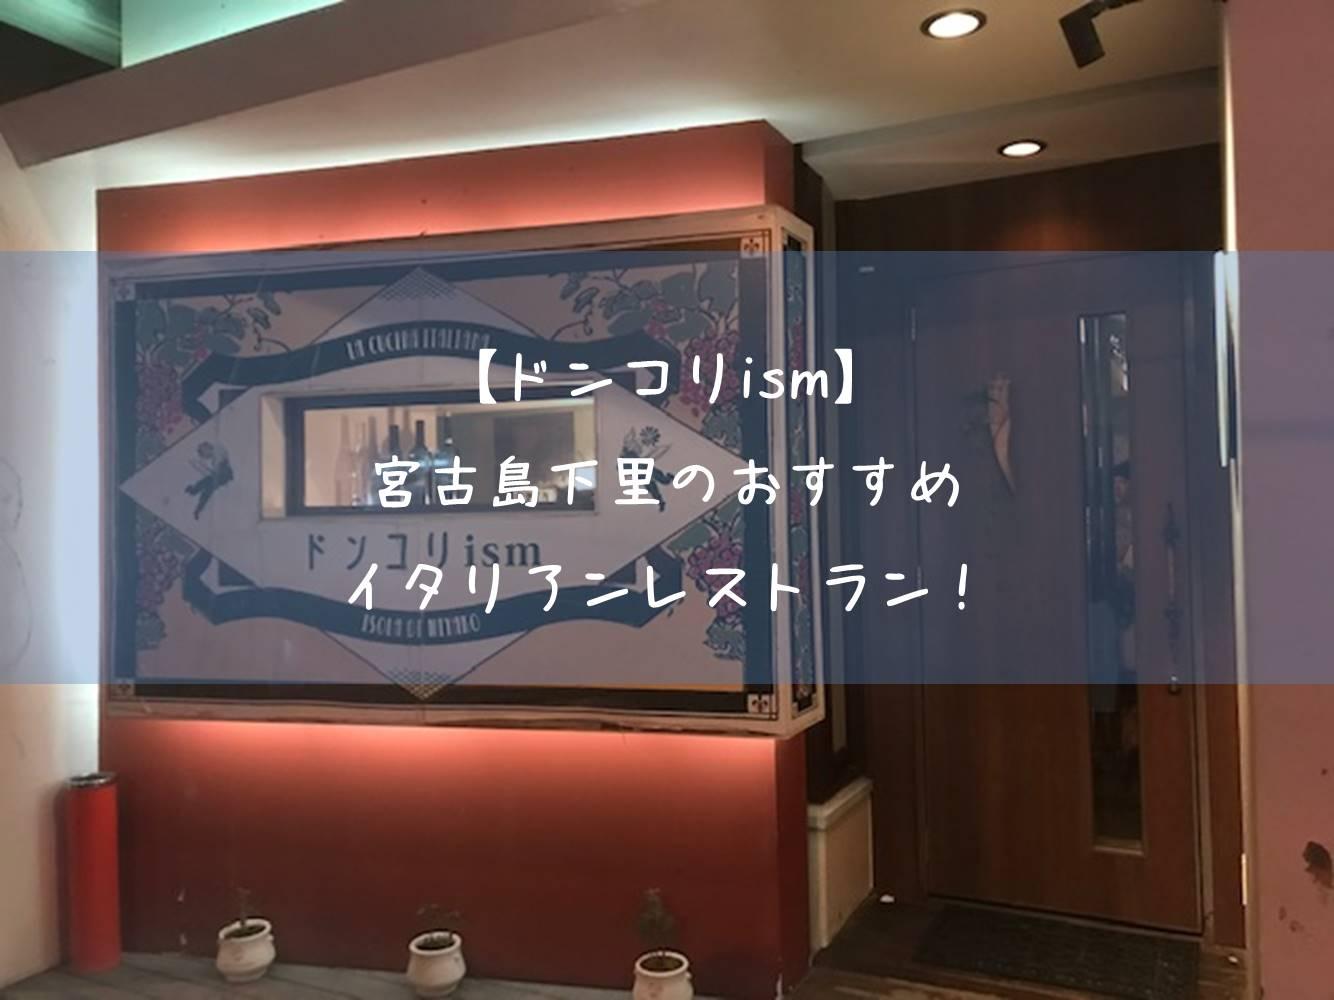 【ドンコリism】宮古島下里のおすすめイタリアンレストラン!